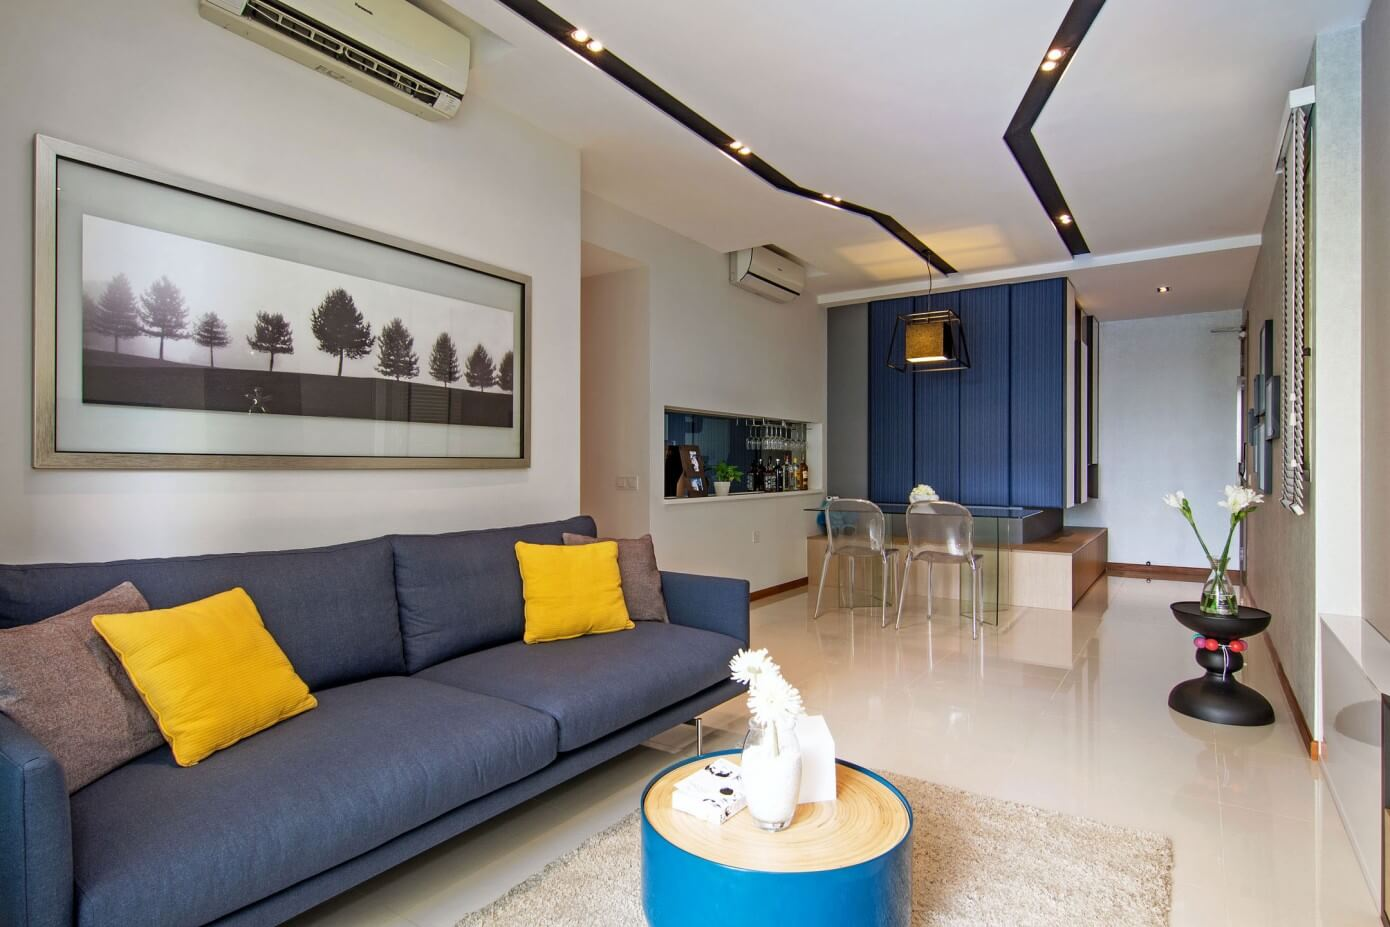 Interior design apartment singapore - Interior Design Apartment Singapore 57